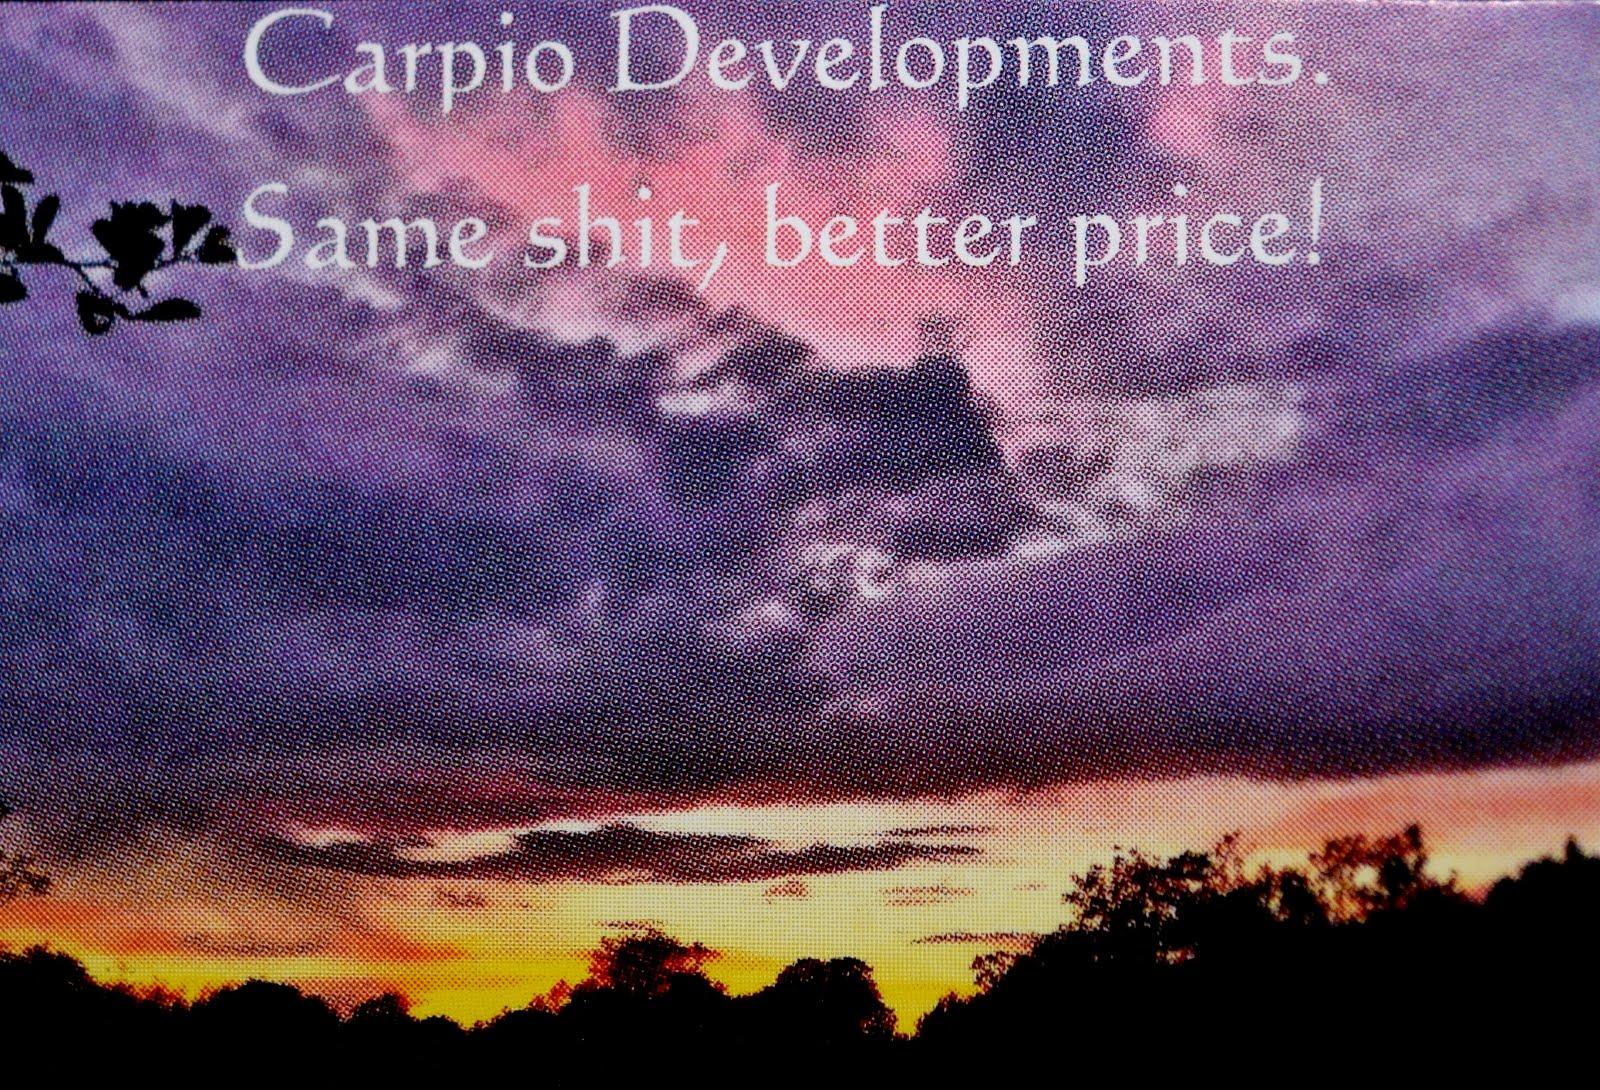 Carpio Developments